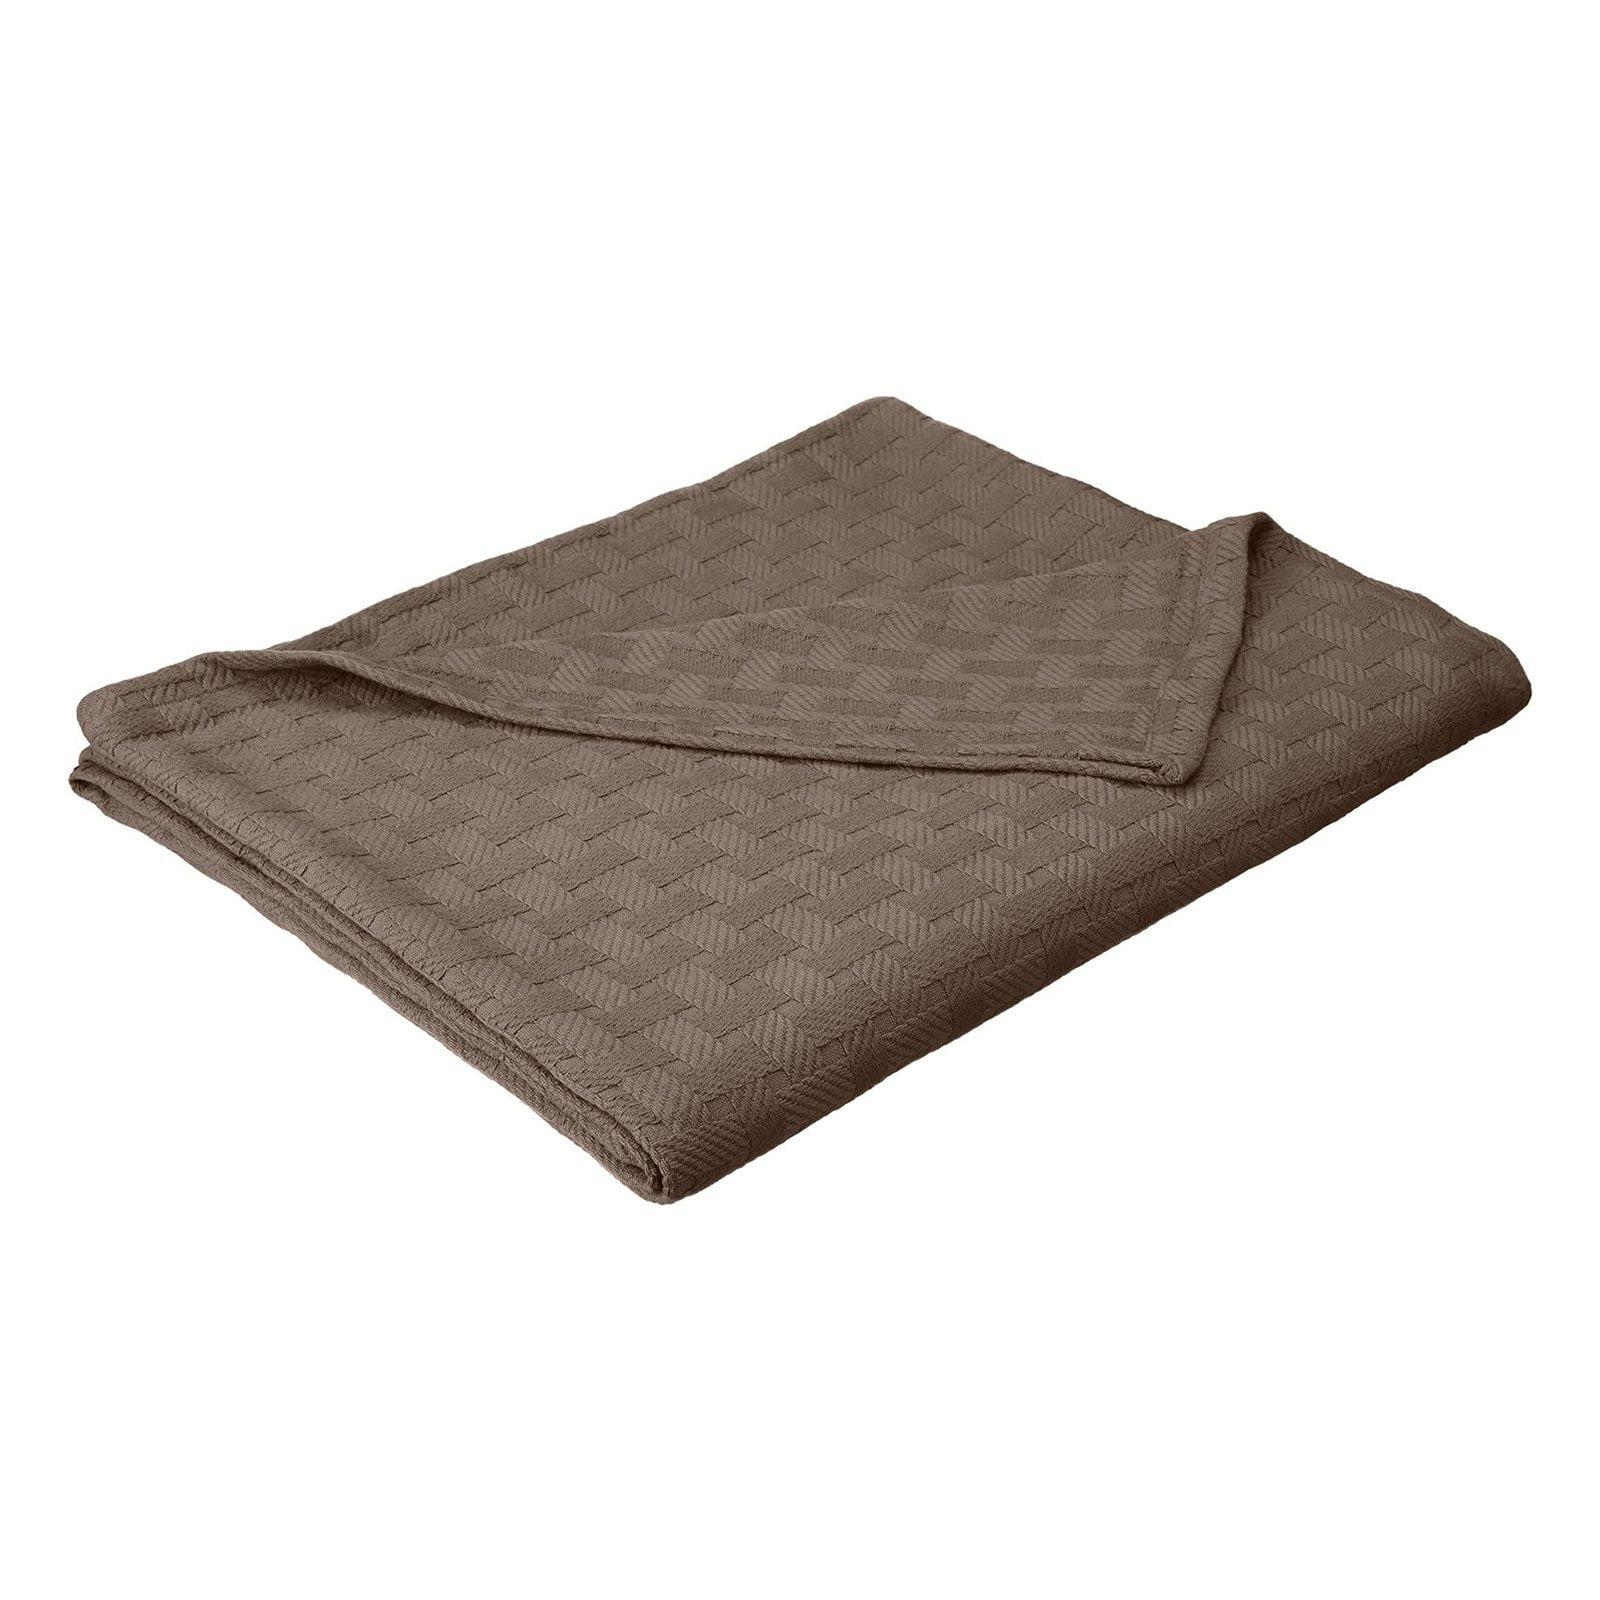 Luxor Treasures Basket Weave Blanket by Supplier Generic